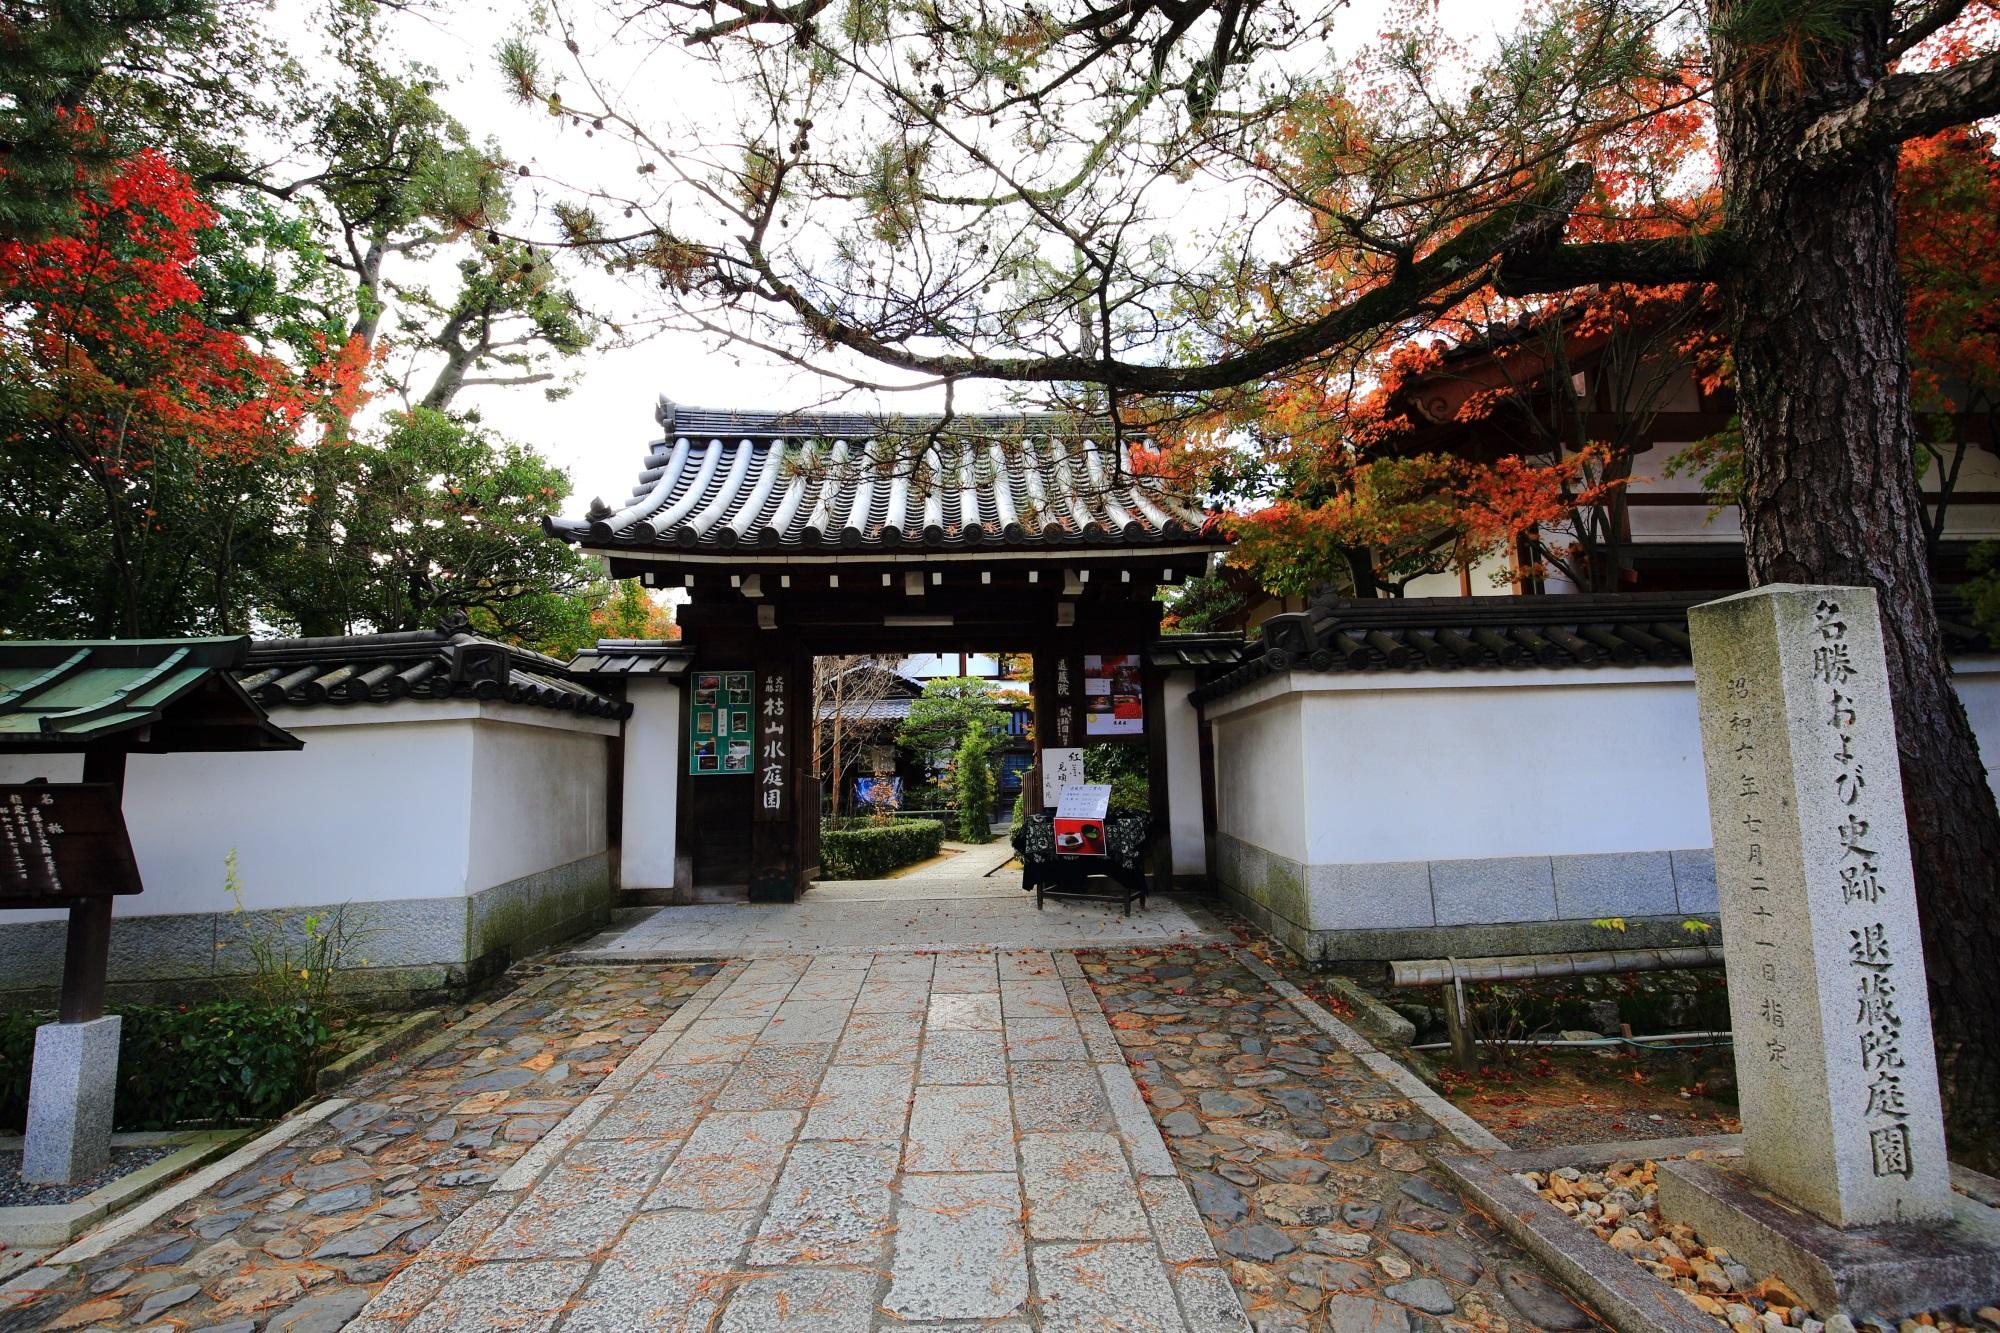 紅葉が華やぐ妙心寺退蔵院の入口